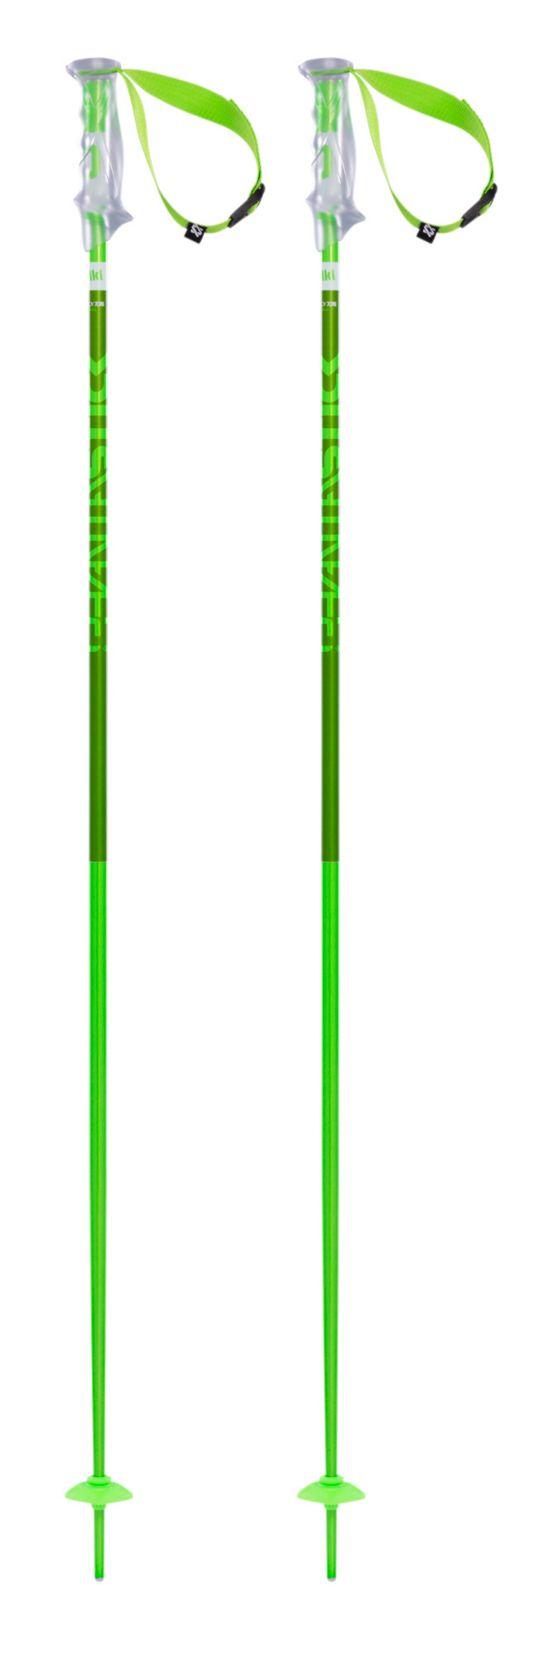 Phantastick 2 Alpinstav Grønn